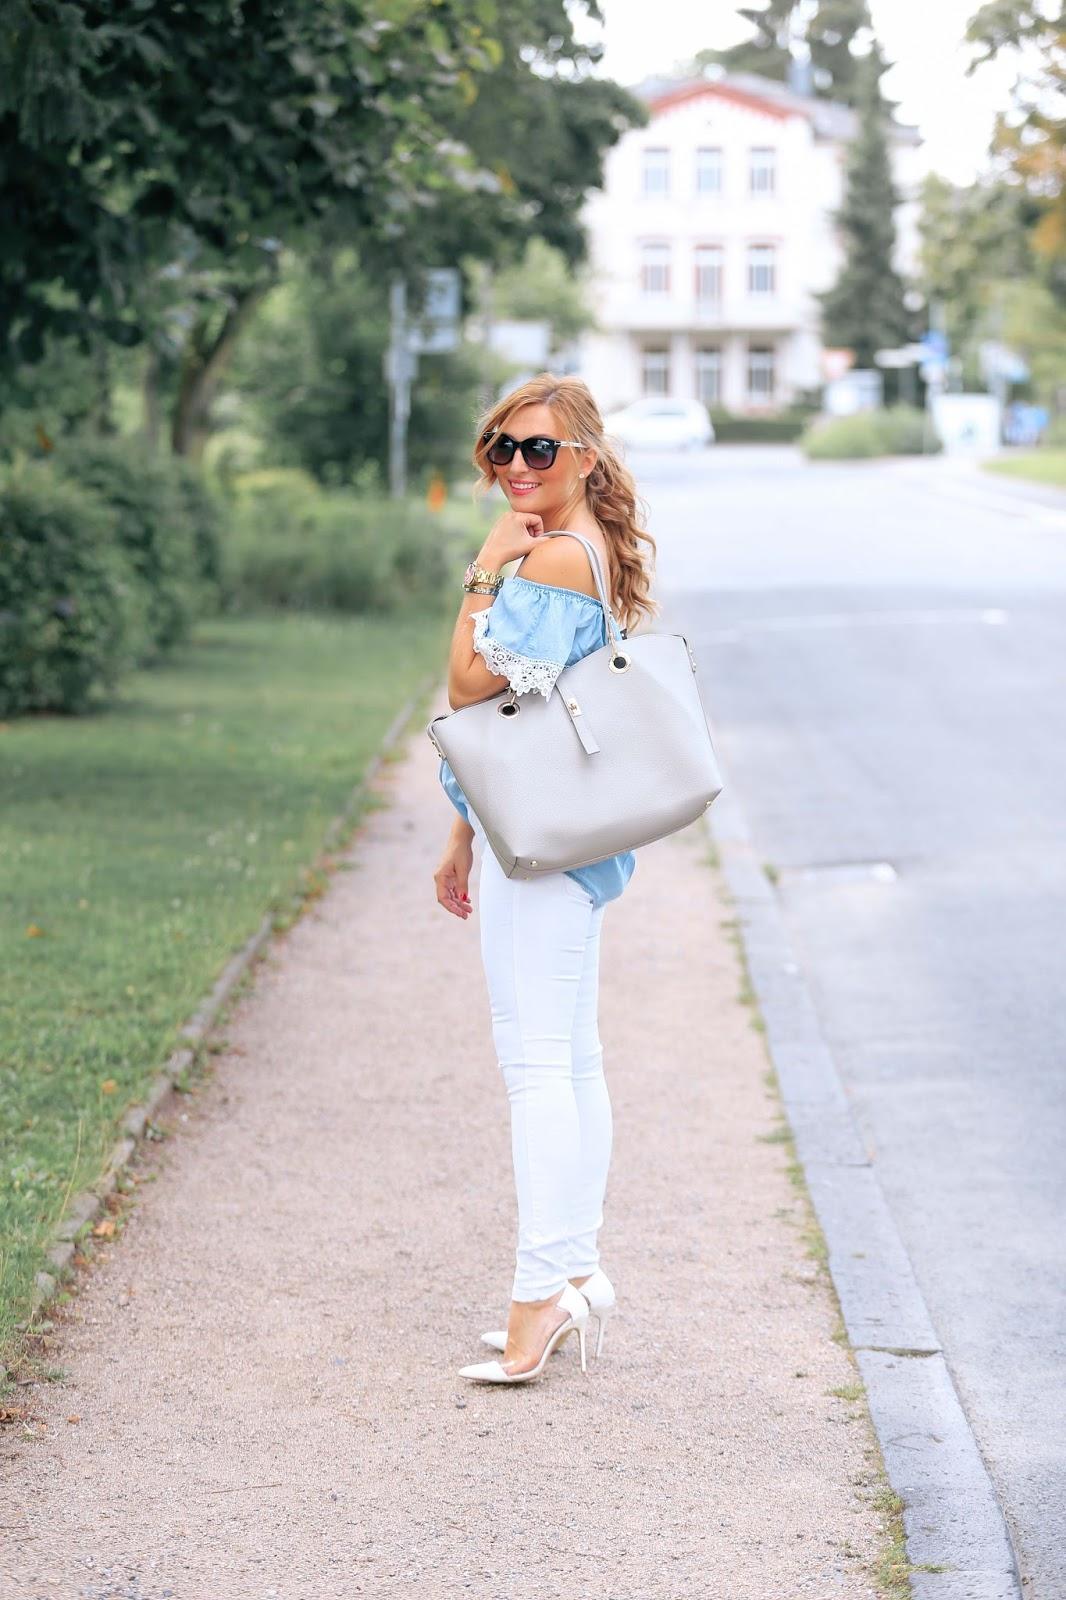 Wie-trägt-man-eine-weiße-hose-,mit-weißen-high-heels-und-off-shoulder-bluse